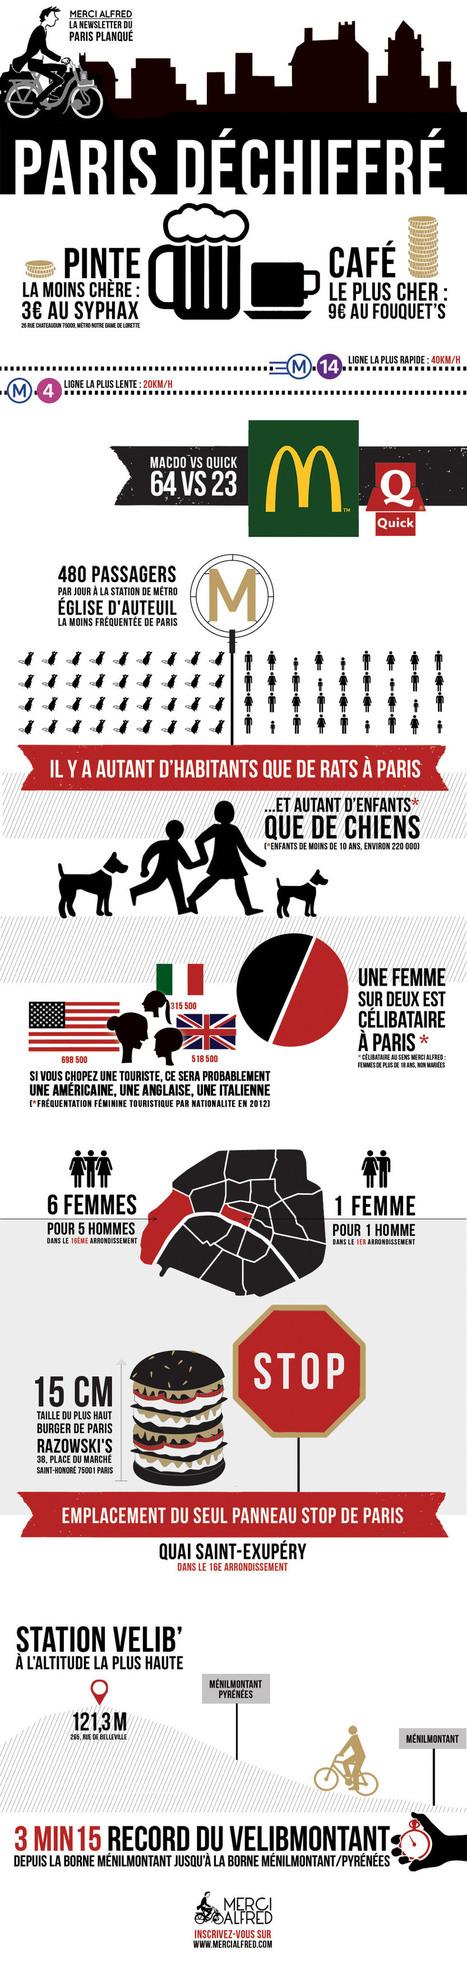 Paris Déchiffré - Merci Alfred | Dat@Viz | Scoop.it